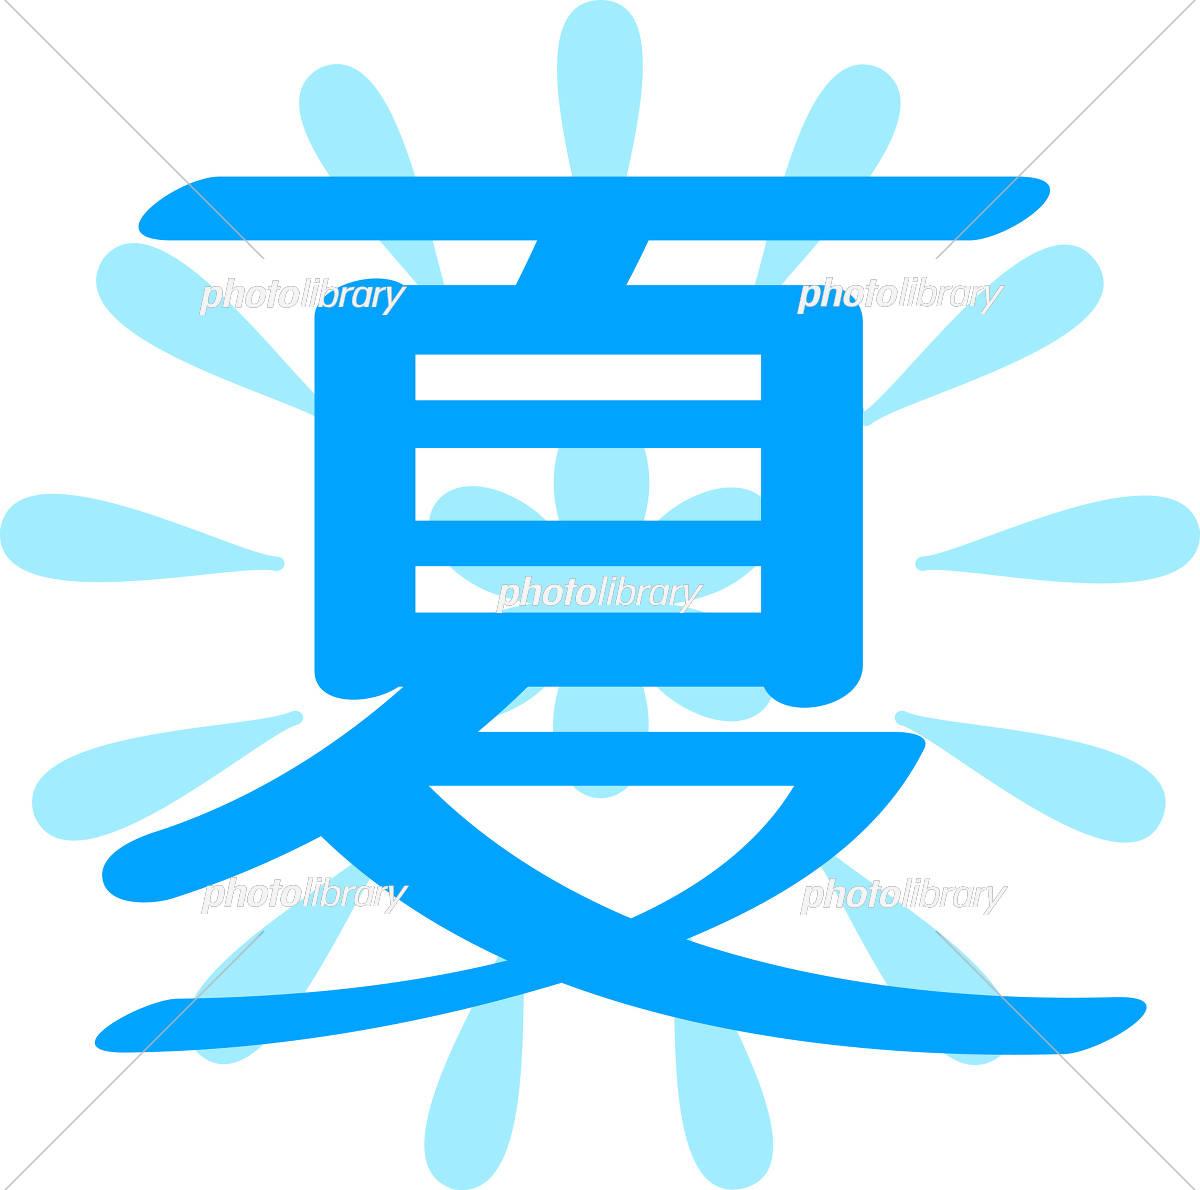 夏の漢字 イラスト素材 [ 5506776 ] - フォトライブラリー photolibrary